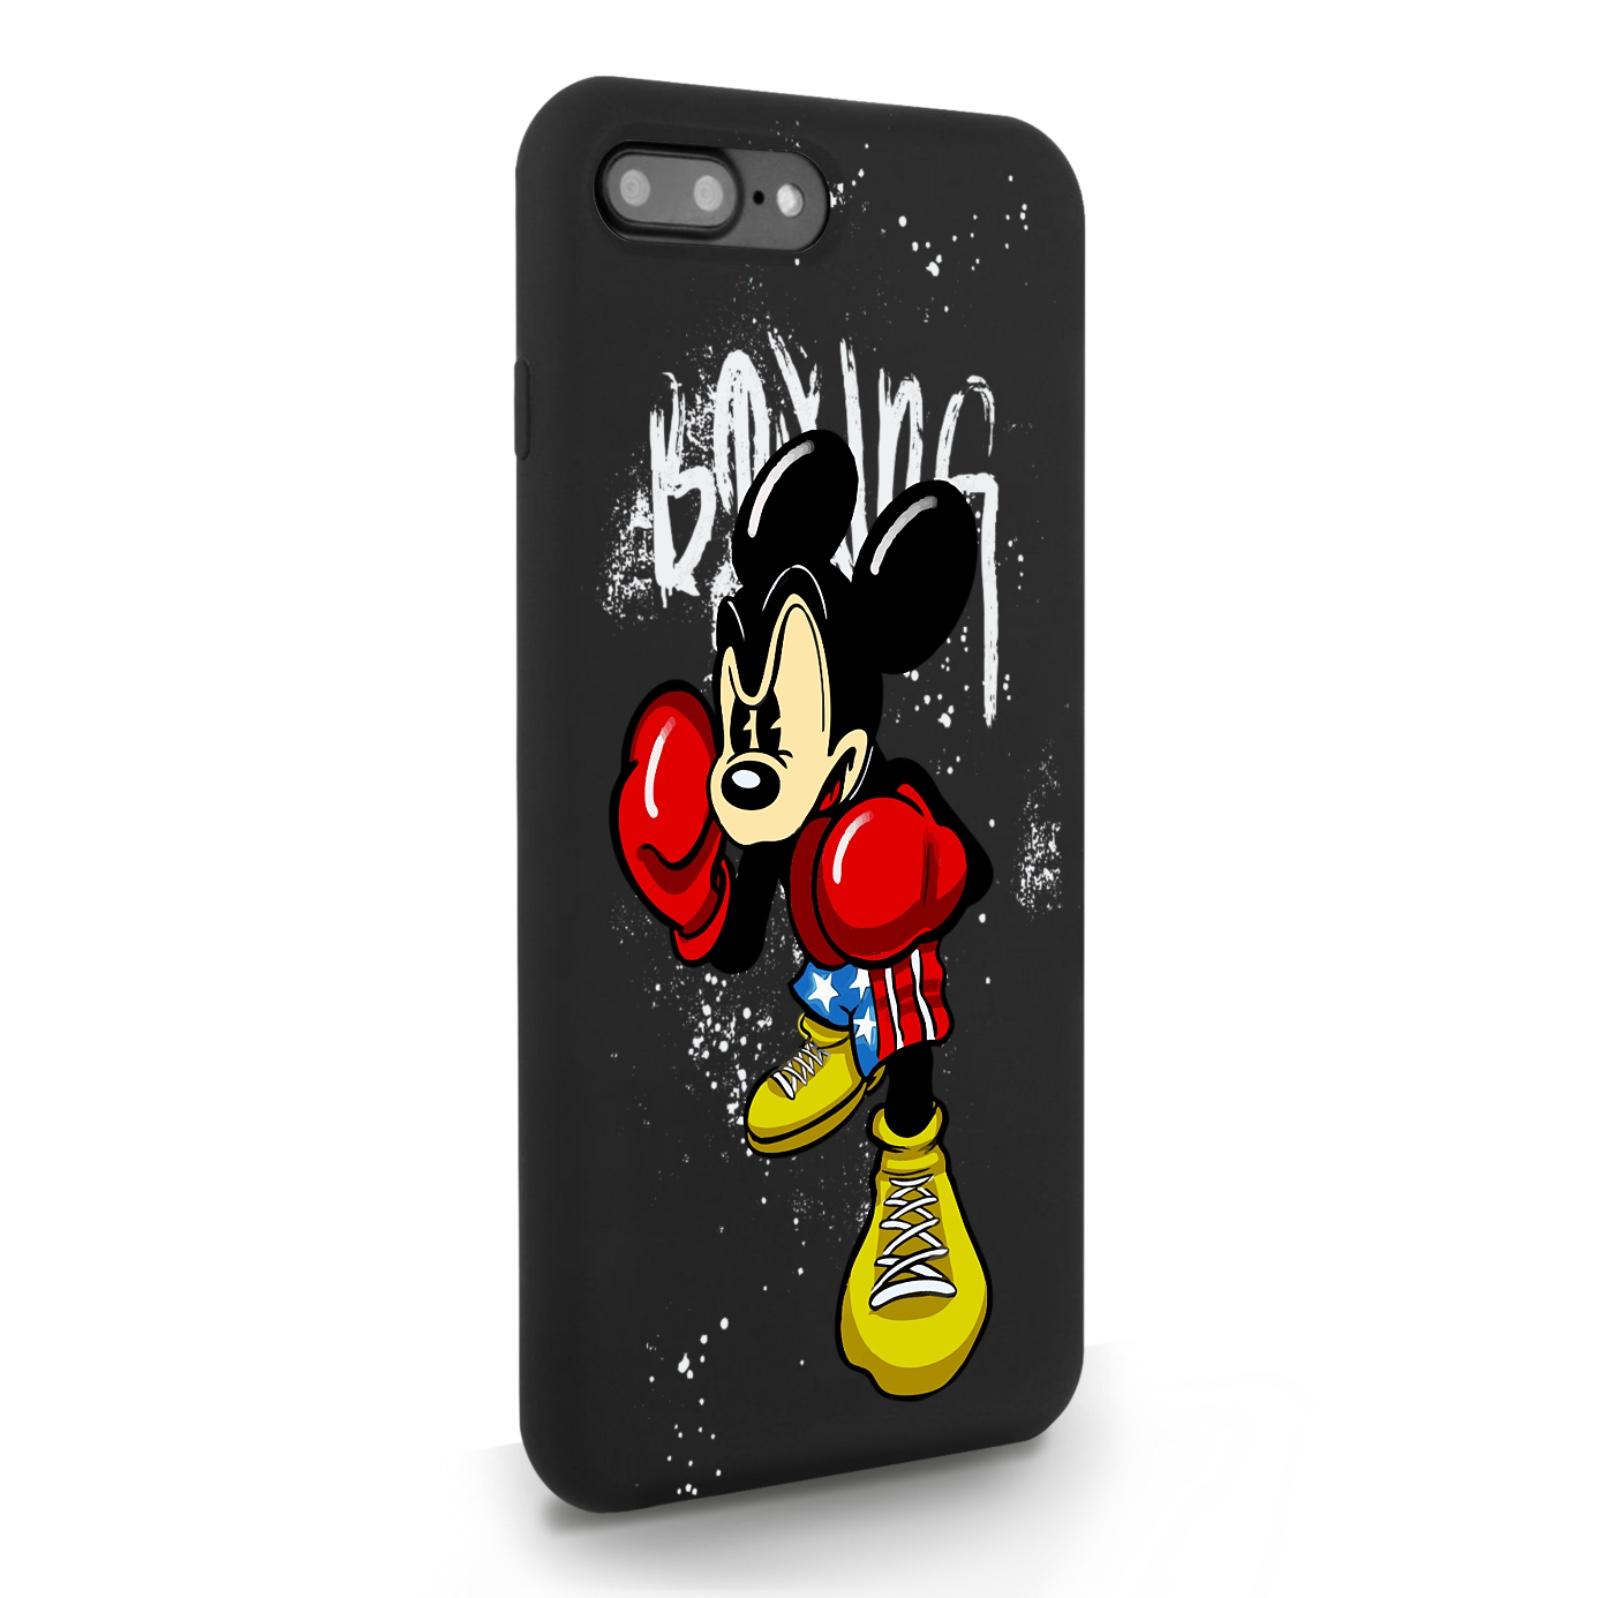 Черный силиконовый чехол для iPhone 7/8 Plus Мышонок Боксер для Айфон 7/8 Плюс